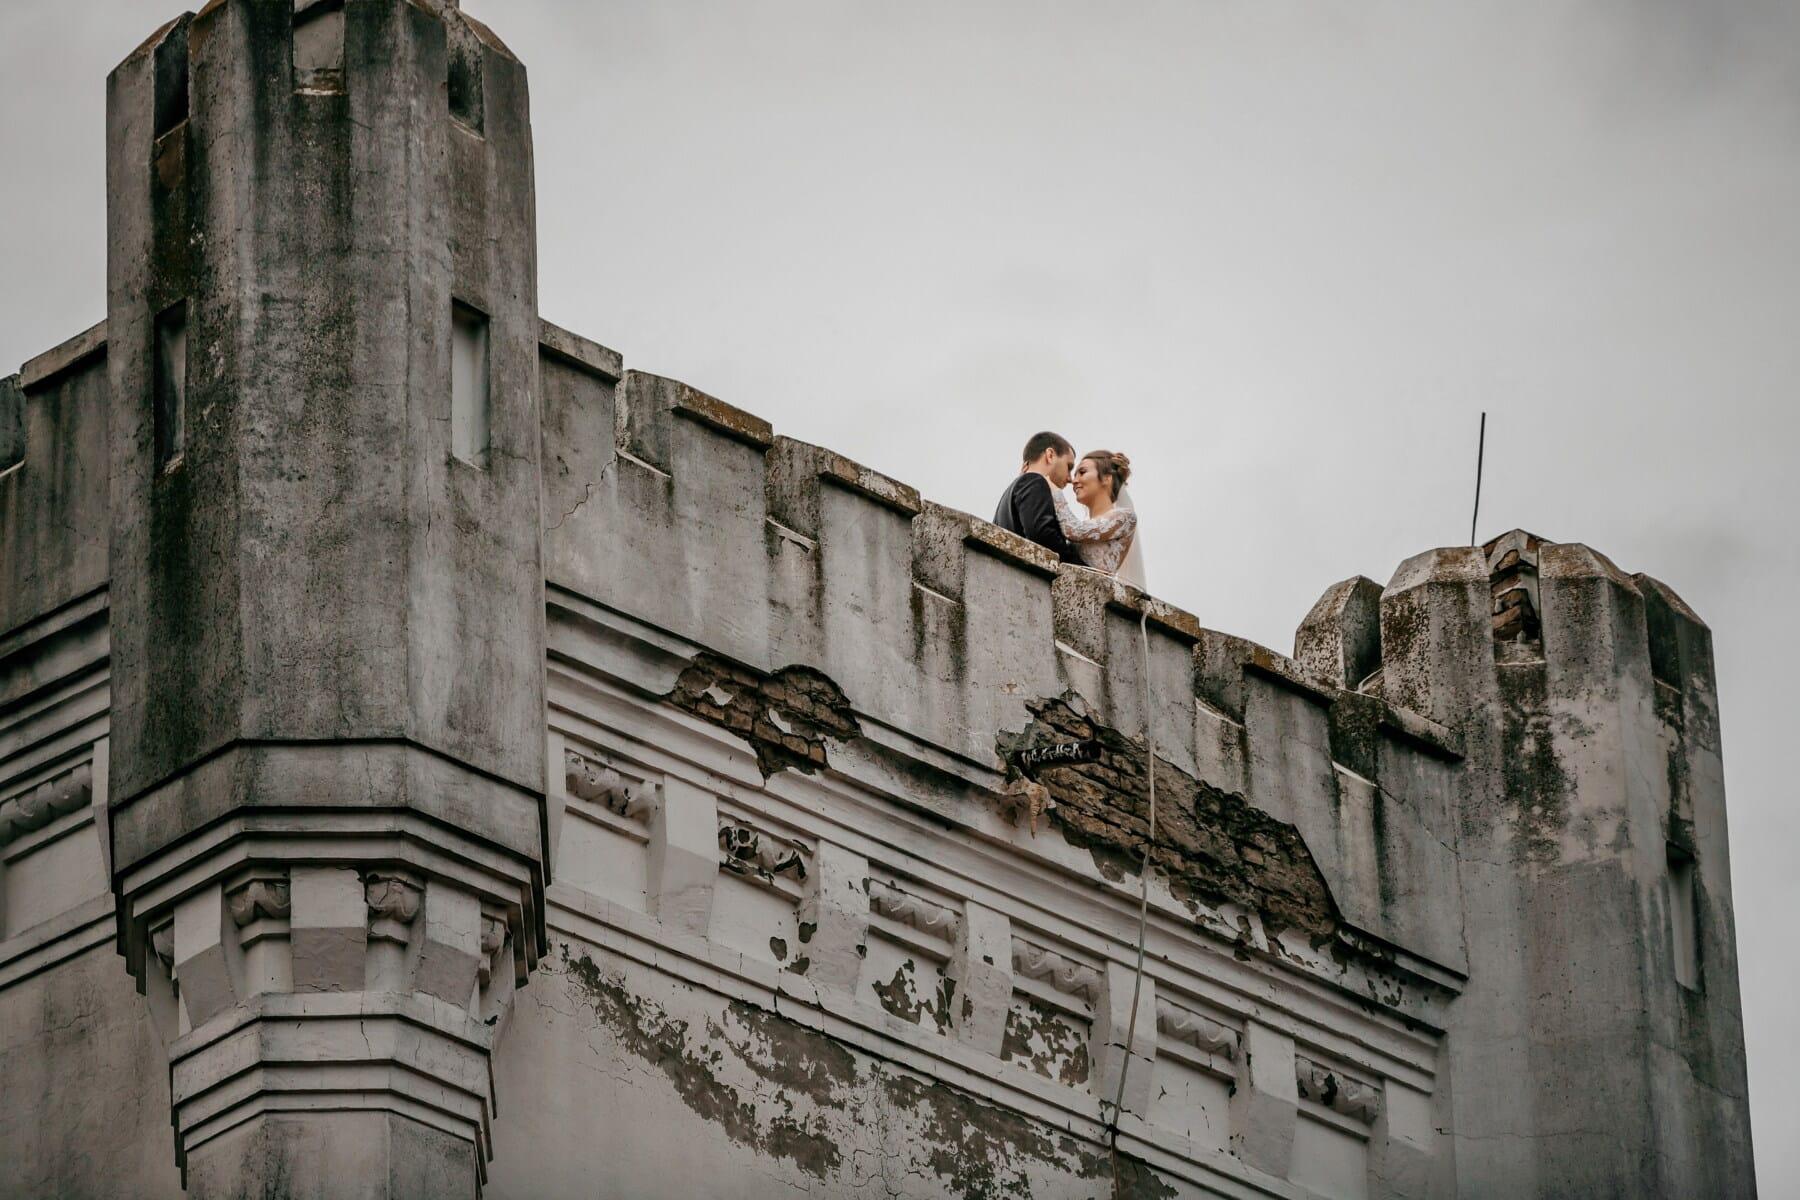 Prins, prinsesse, tårnet, slottet, kyss, romantisk, festning, middelalderen, arkitektur, bygge